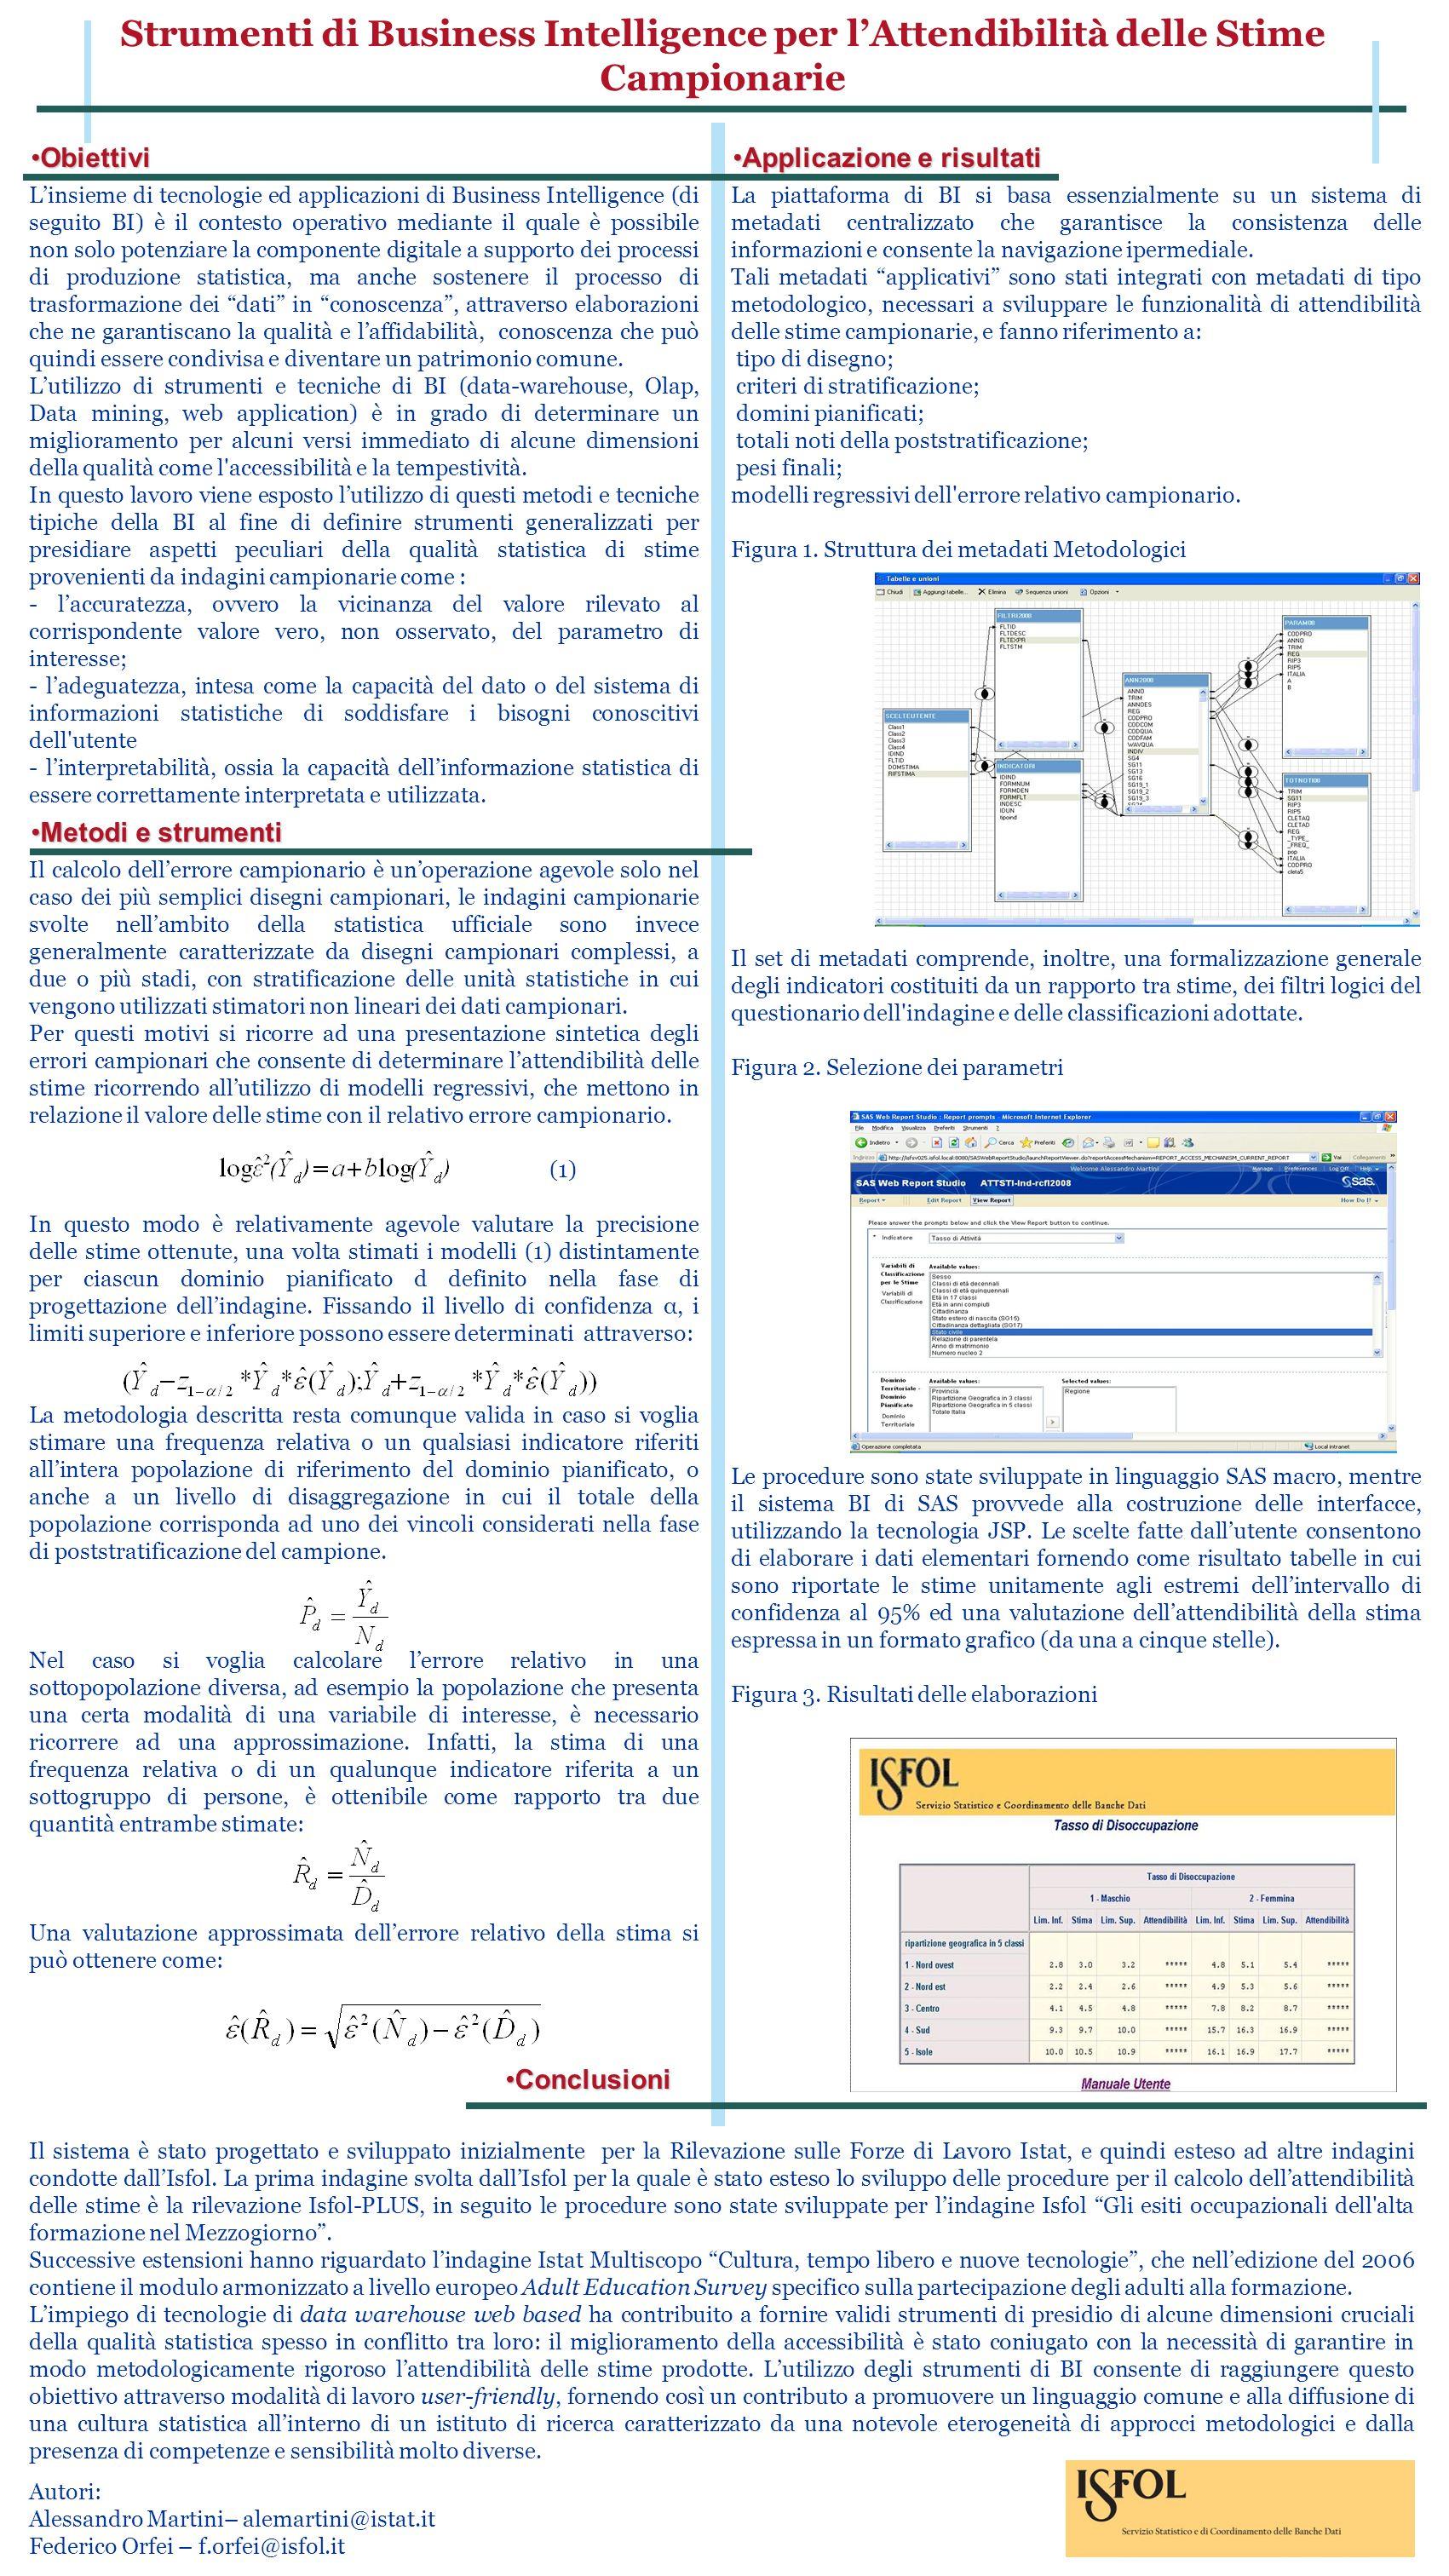 La piattaforma di BI si basa essenzialmente su un sistema di metadati centralizzato che garantisce la consistenza delle informazioni e consente la navigazione ipermediale.